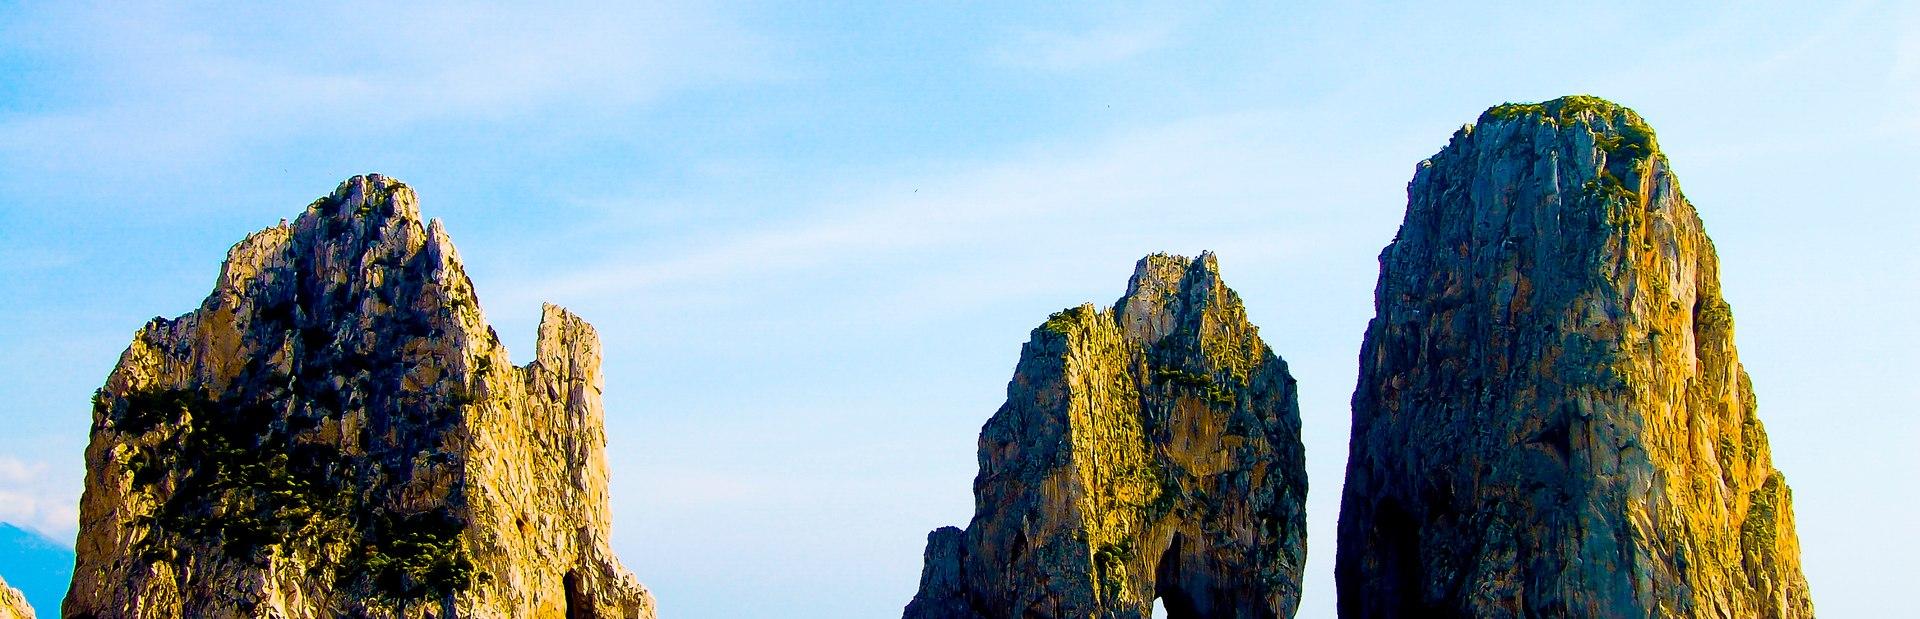 Discover Faraglioni Rocks